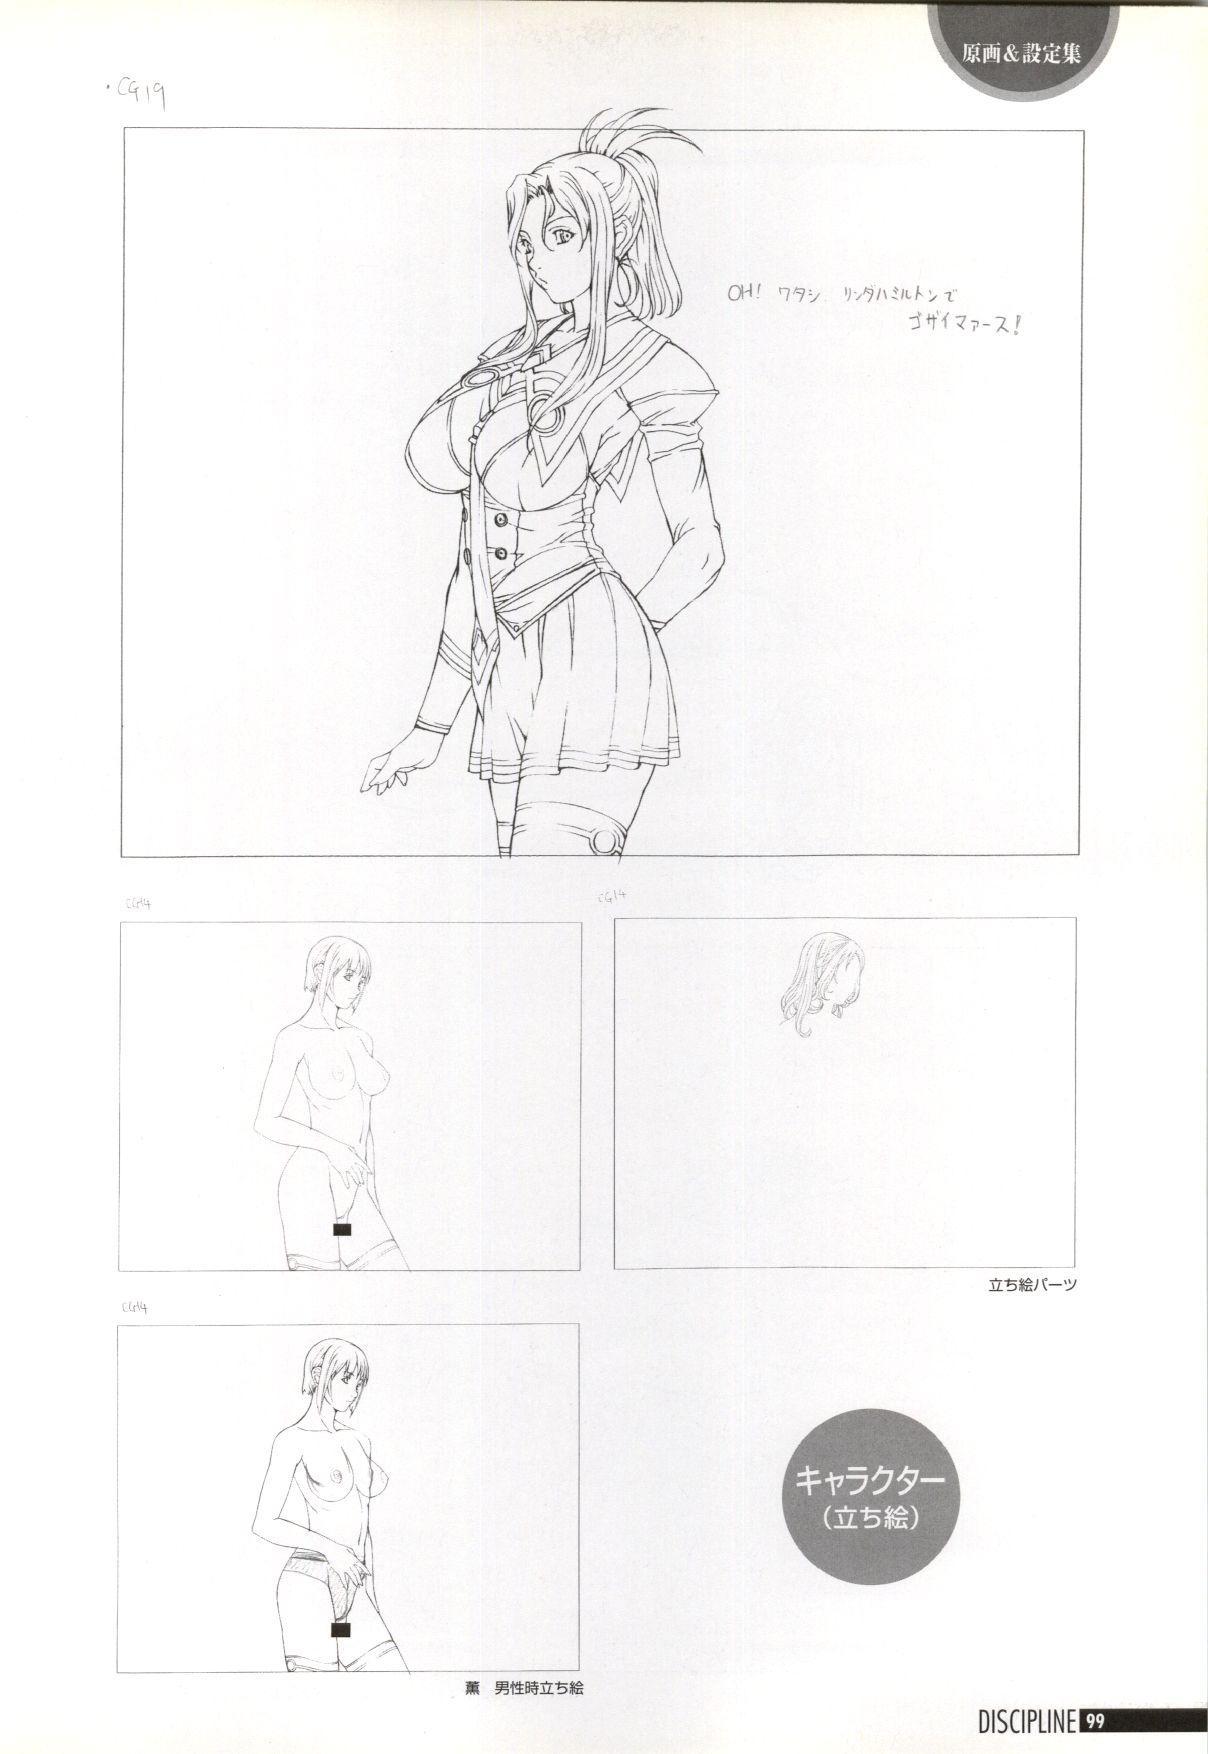 Discipline Artbook 99